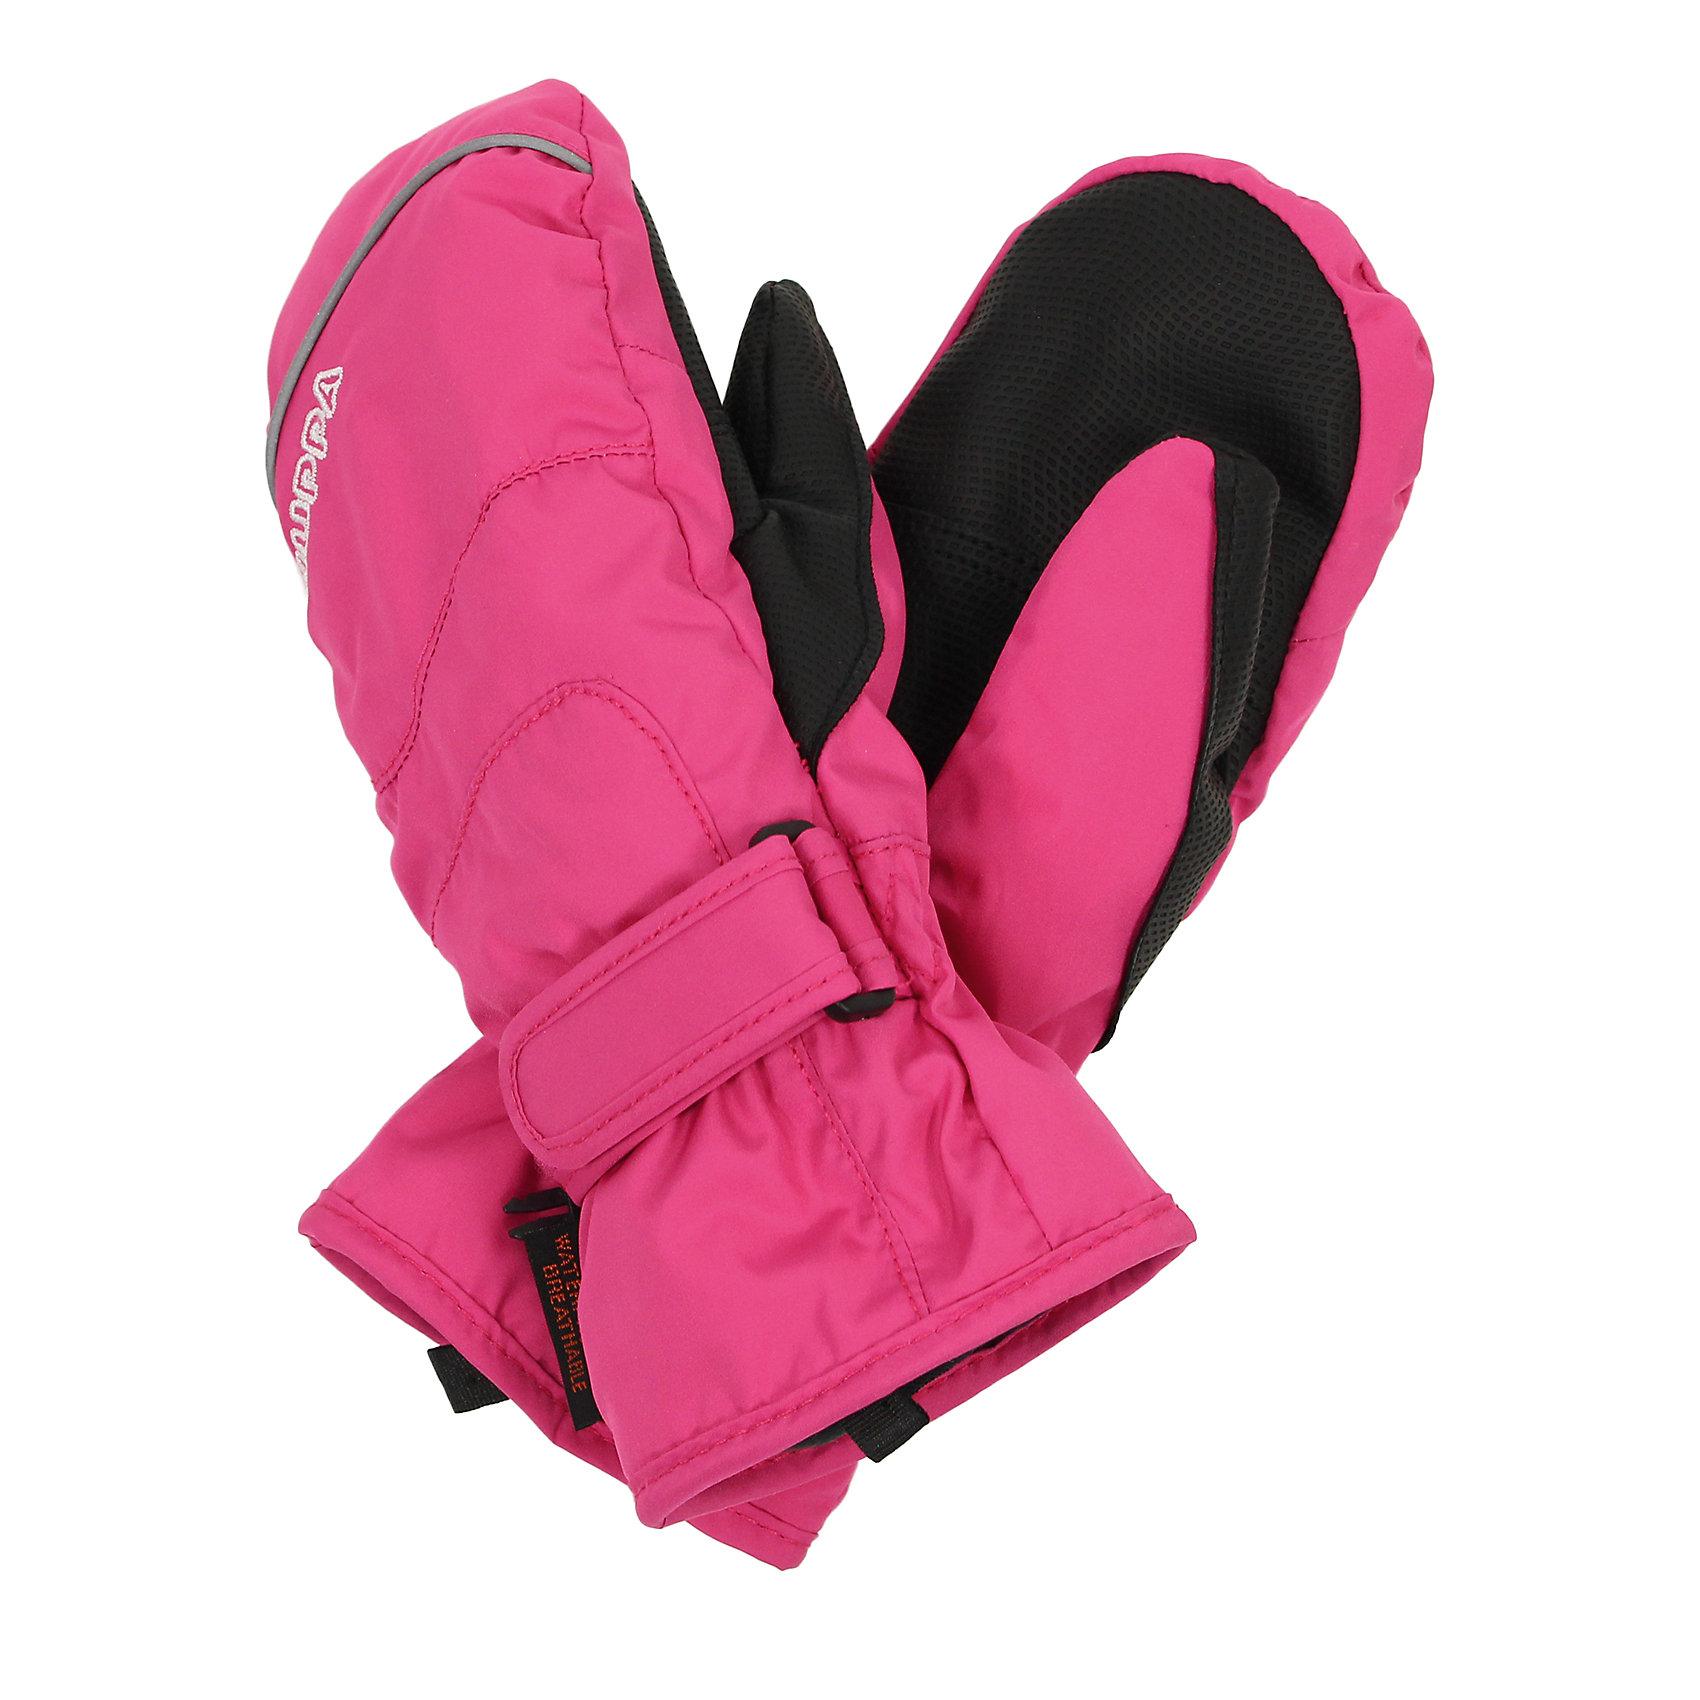 Варежки для девочки HuppaПерчатки, варежки<br>Детские водонепроницаемые зимние варежки с интересными разрезами. У варежек приятная подкладка из полиэстера, в качестве промежуточного слоя - мембрана SKI DRY и хорошо дышащая и водоотталкивающая ткань, которая поможет держать руки в сухости и тепле. Для удобства использования на запястье добавлена регулируемая застежка-липучка, а в качестве украшения добавлена красивая вышивка Huppa (Хуппа) и светоотражающая лента в разрез пальца. Маленькие зажимы в средней части помогут держать пару варежек вместе после использования. <br><br>Варежки для девочки Huppa (Хуппа) можно купить в нашем магазине.<br><br>Ширина мм: 162<br>Глубина мм: 171<br>Высота мм: 55<br>Вес г: 119<br>Цвет: розовый<br>Возраст от месяцев: 144<br>Возраст до месяцев: 168<br>Пол: Женский<br>Возраст: Детский<br>Размер: 8,7,5,6<br>SKU: 4242769